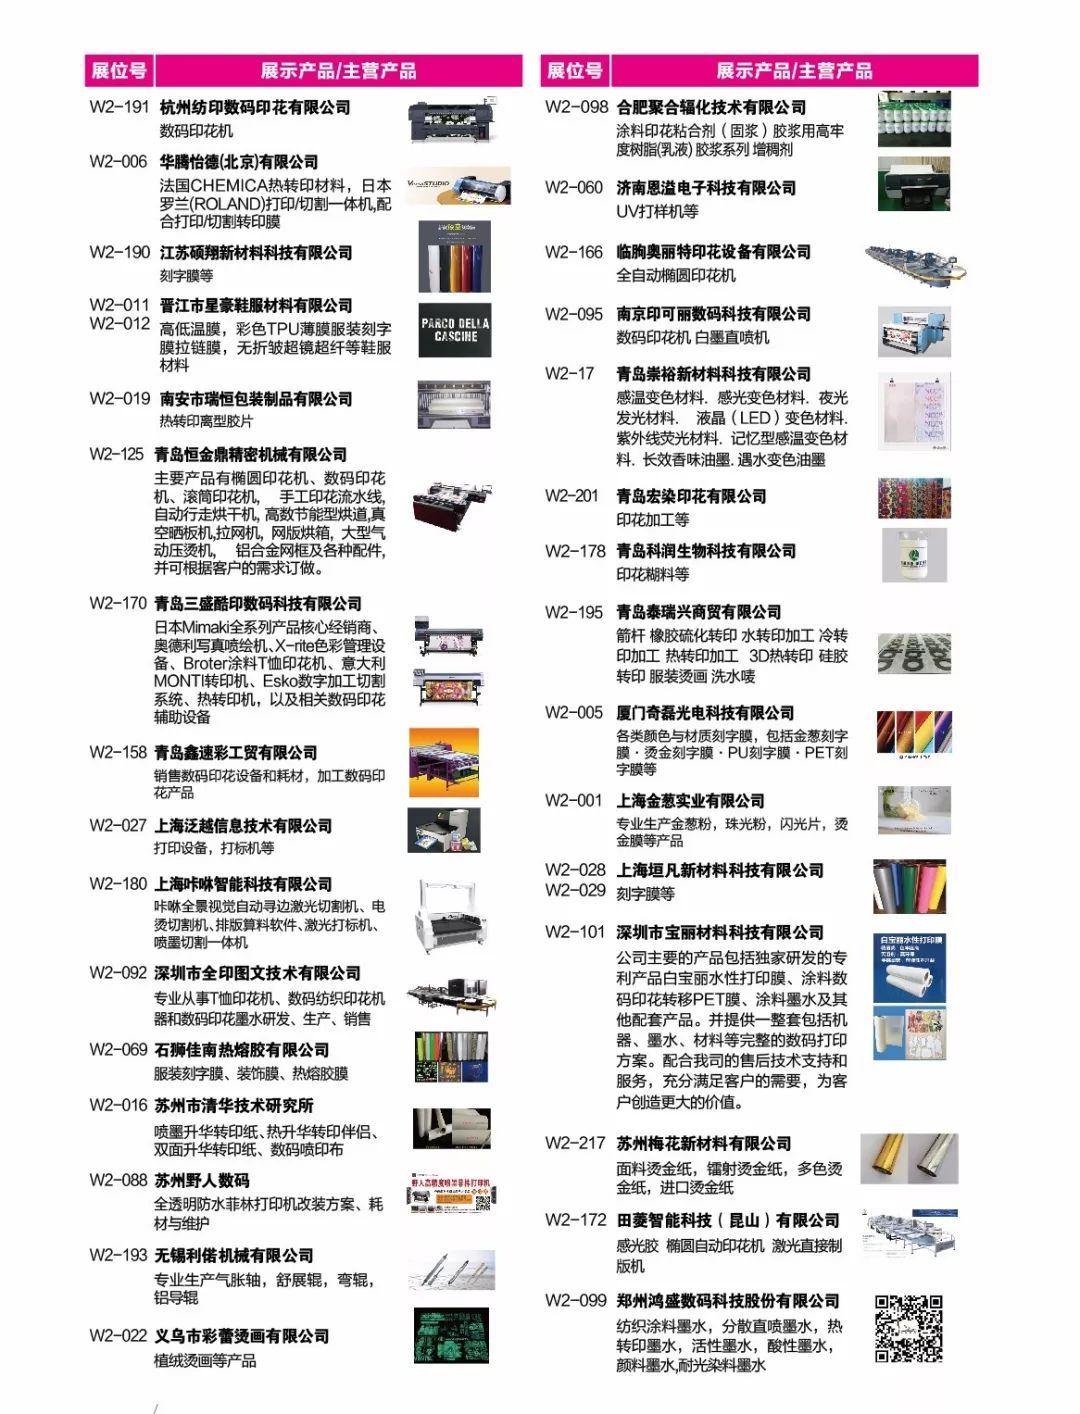 【カウントダウン3日間!】展覧会で何を見ていますか?(図3)